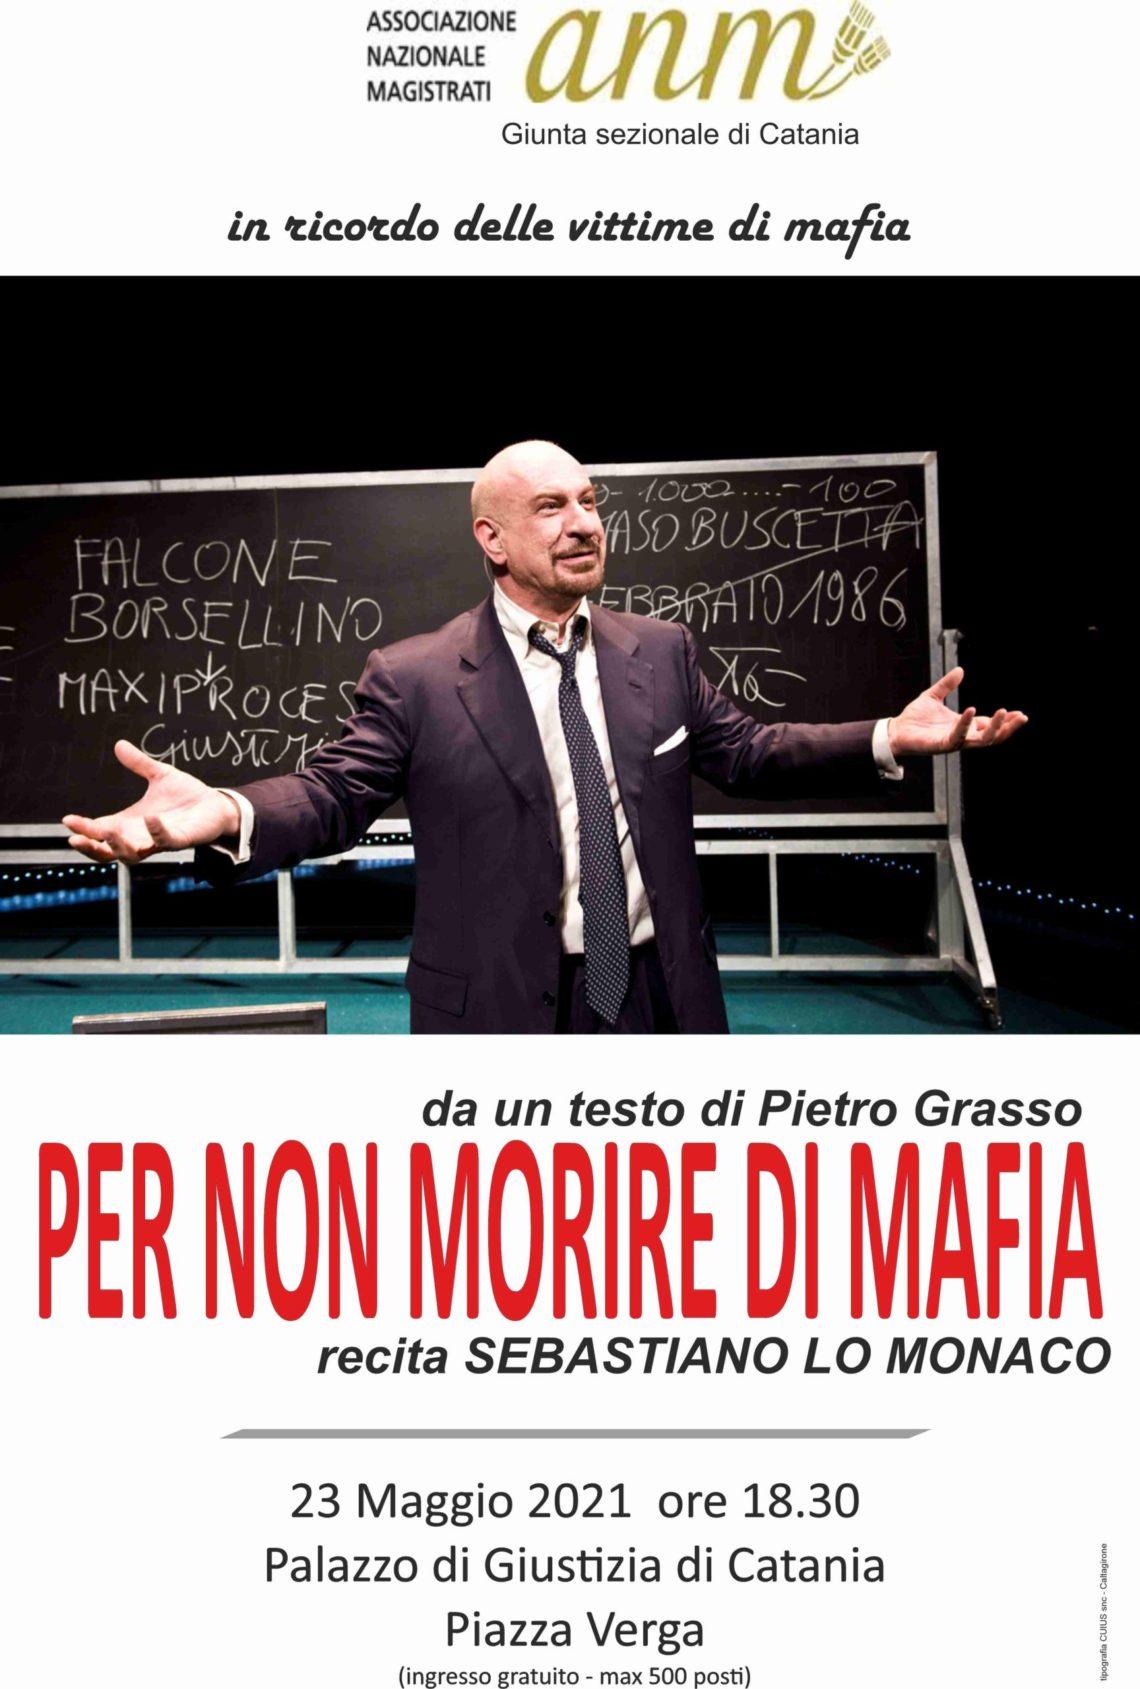 """""""Per non morire di mafia"""", spettacolo organizzato dall'Associazione Nazionale Magistrati a Catania"""